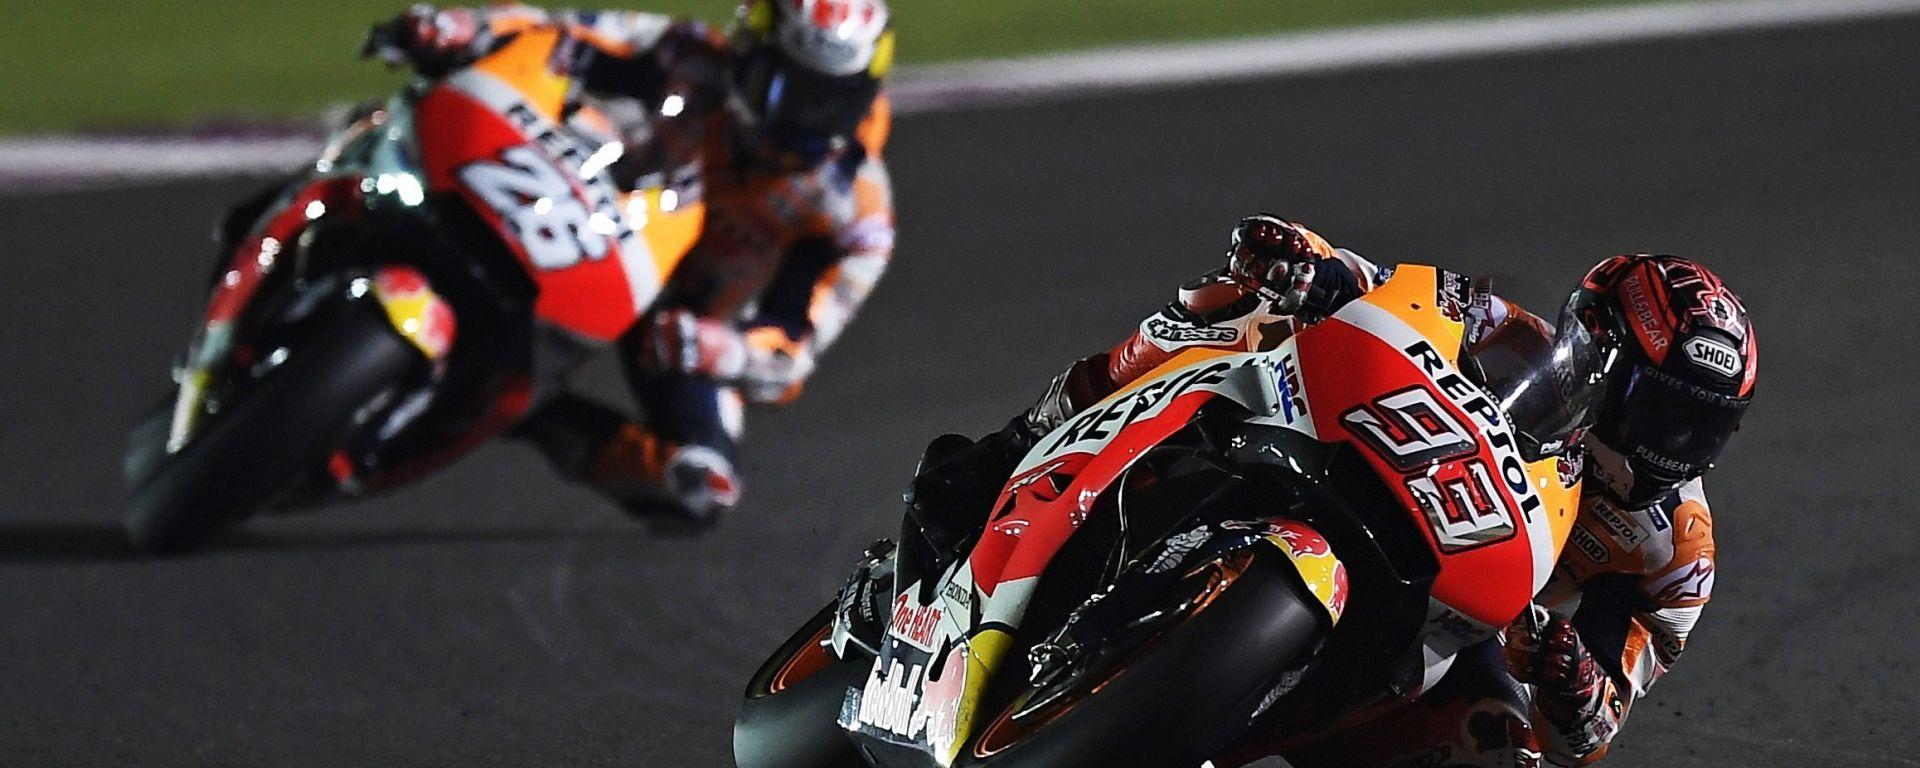 Marquez e Pedrosa nel GP del Qatar 2018